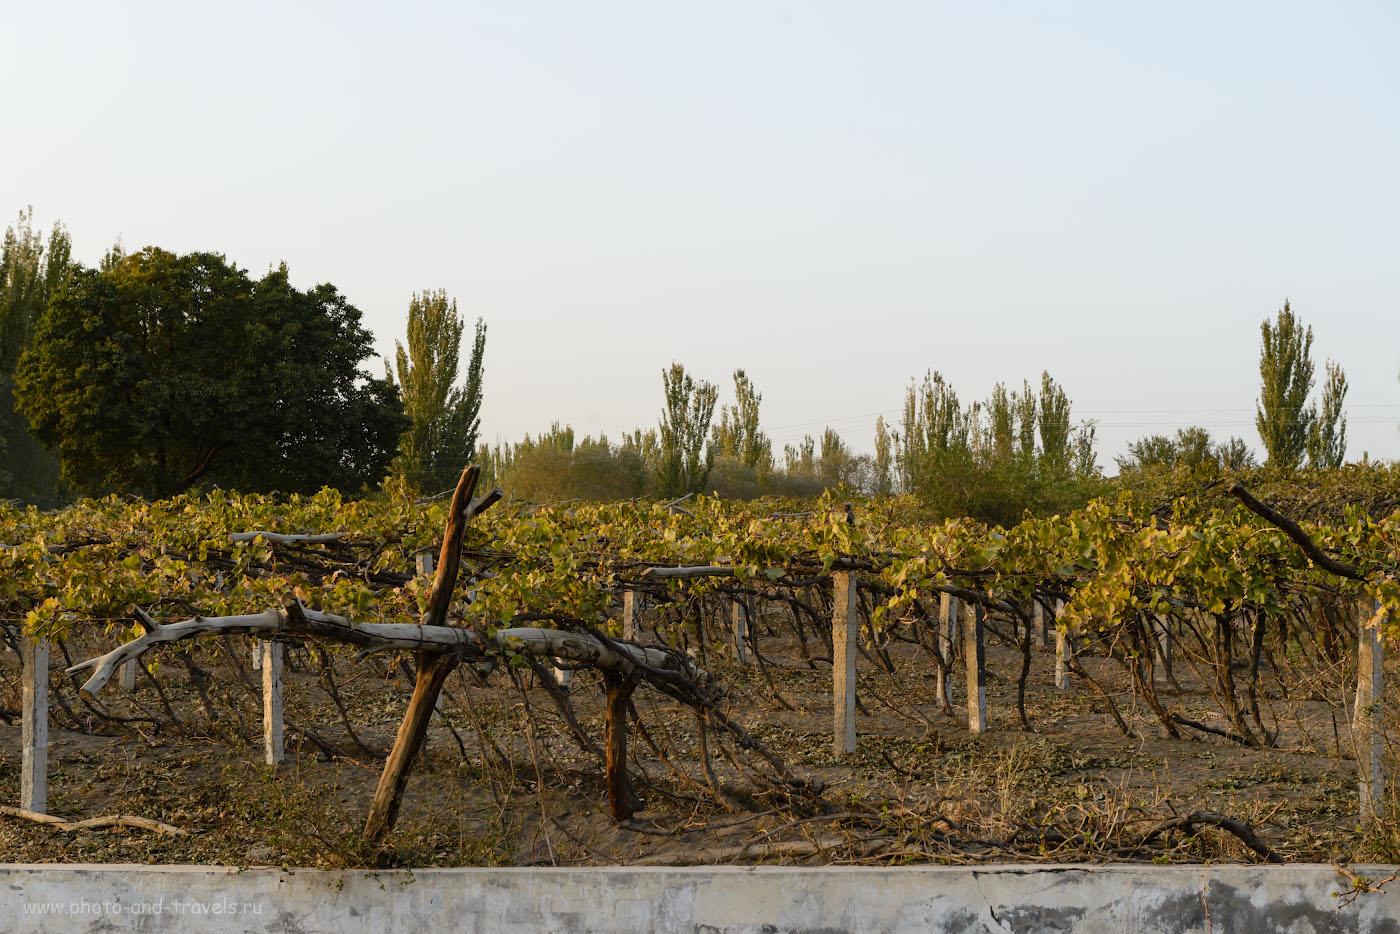 Фото 16. Турфан славится на весь Китай своим виноградом. Отзывы туристов о путешествии в Синьцзян-Уйгурский автономный регион. Интересные места в окрестностях Урумчи. 1/125, -1.0, 8.0, 320, 62.